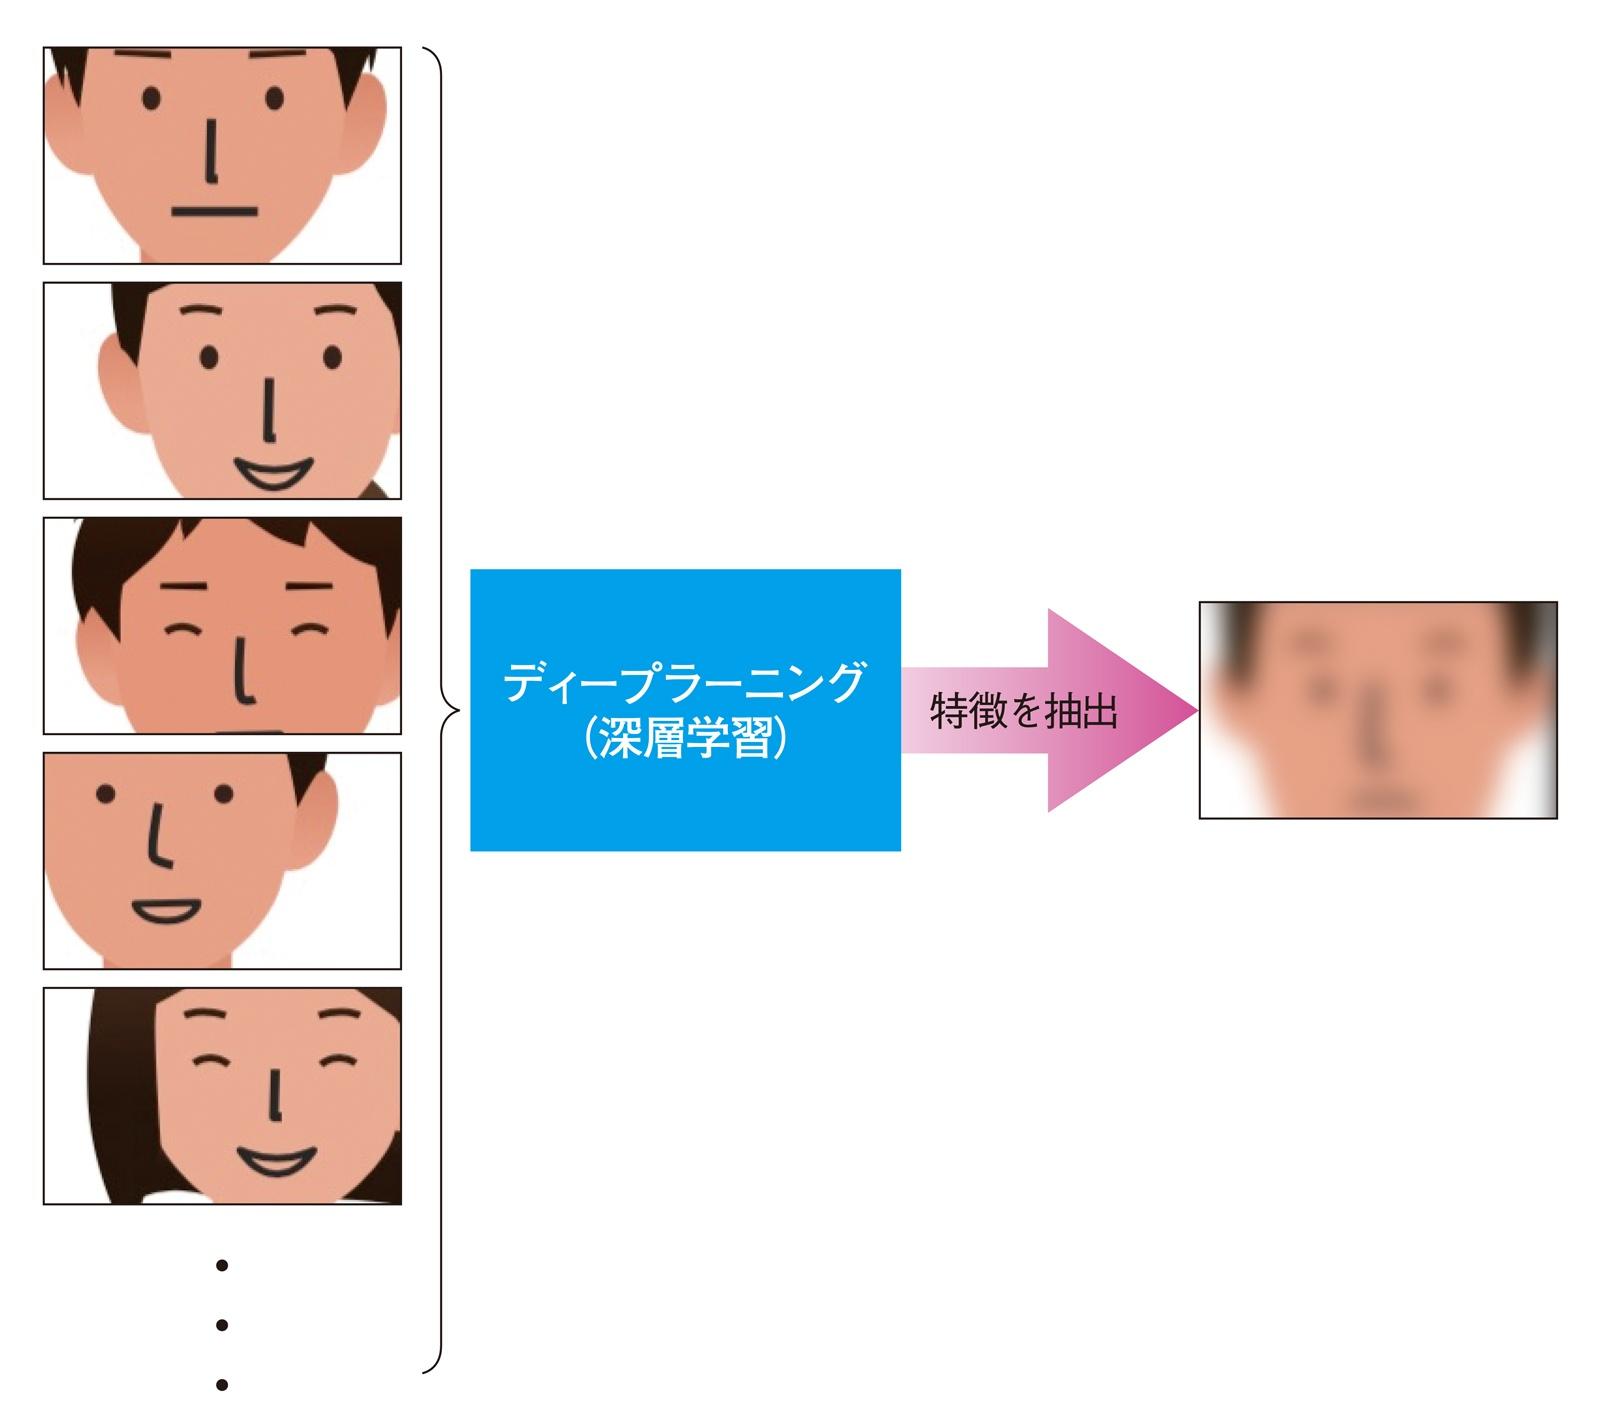 図4 大量の画像から特徴を学ぶ